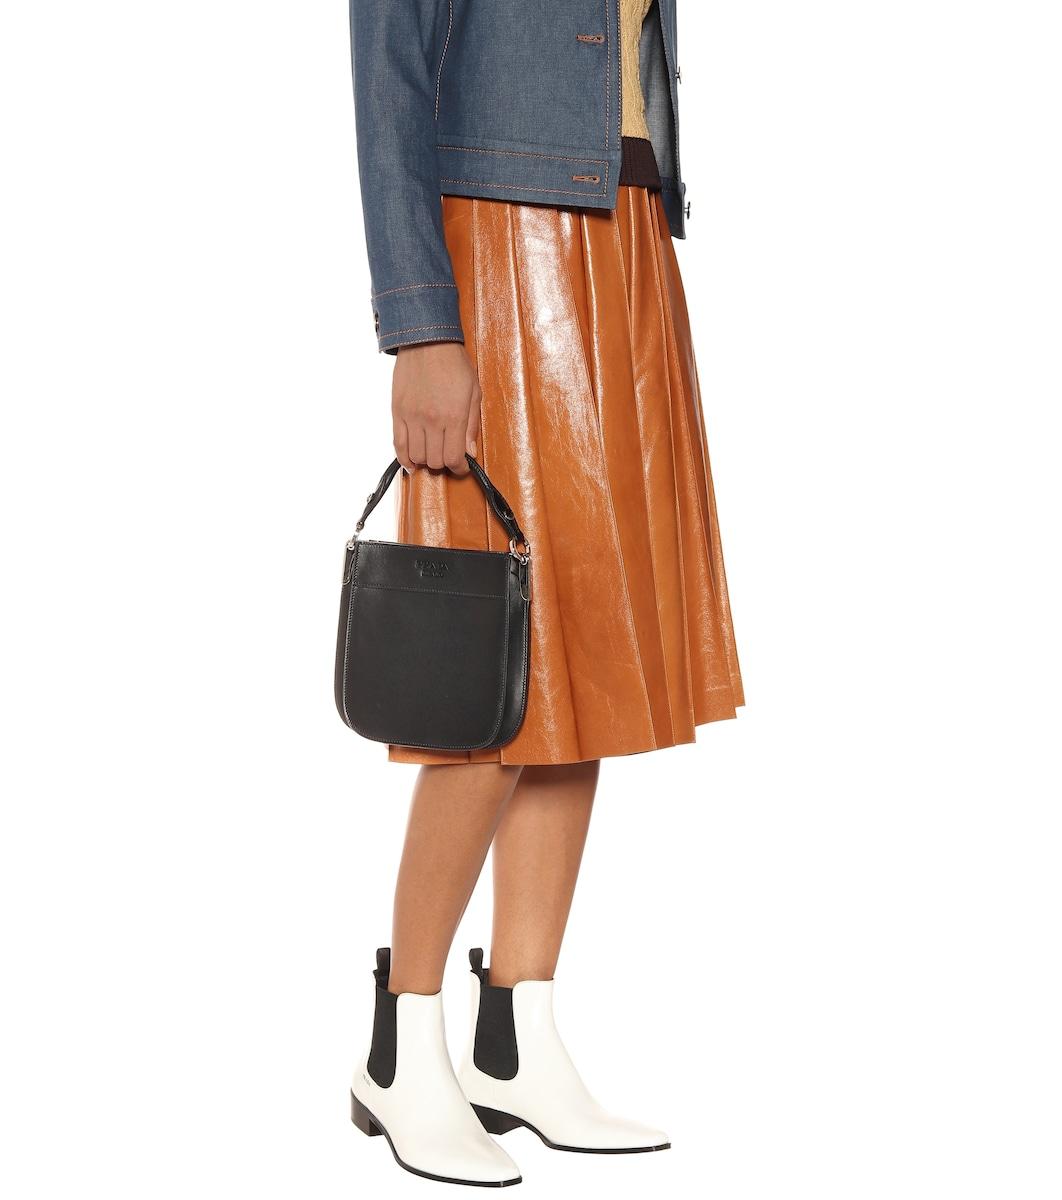 eeacae4a2e90cd Margit Leather Shoulder Bag   Prada - mytheresa